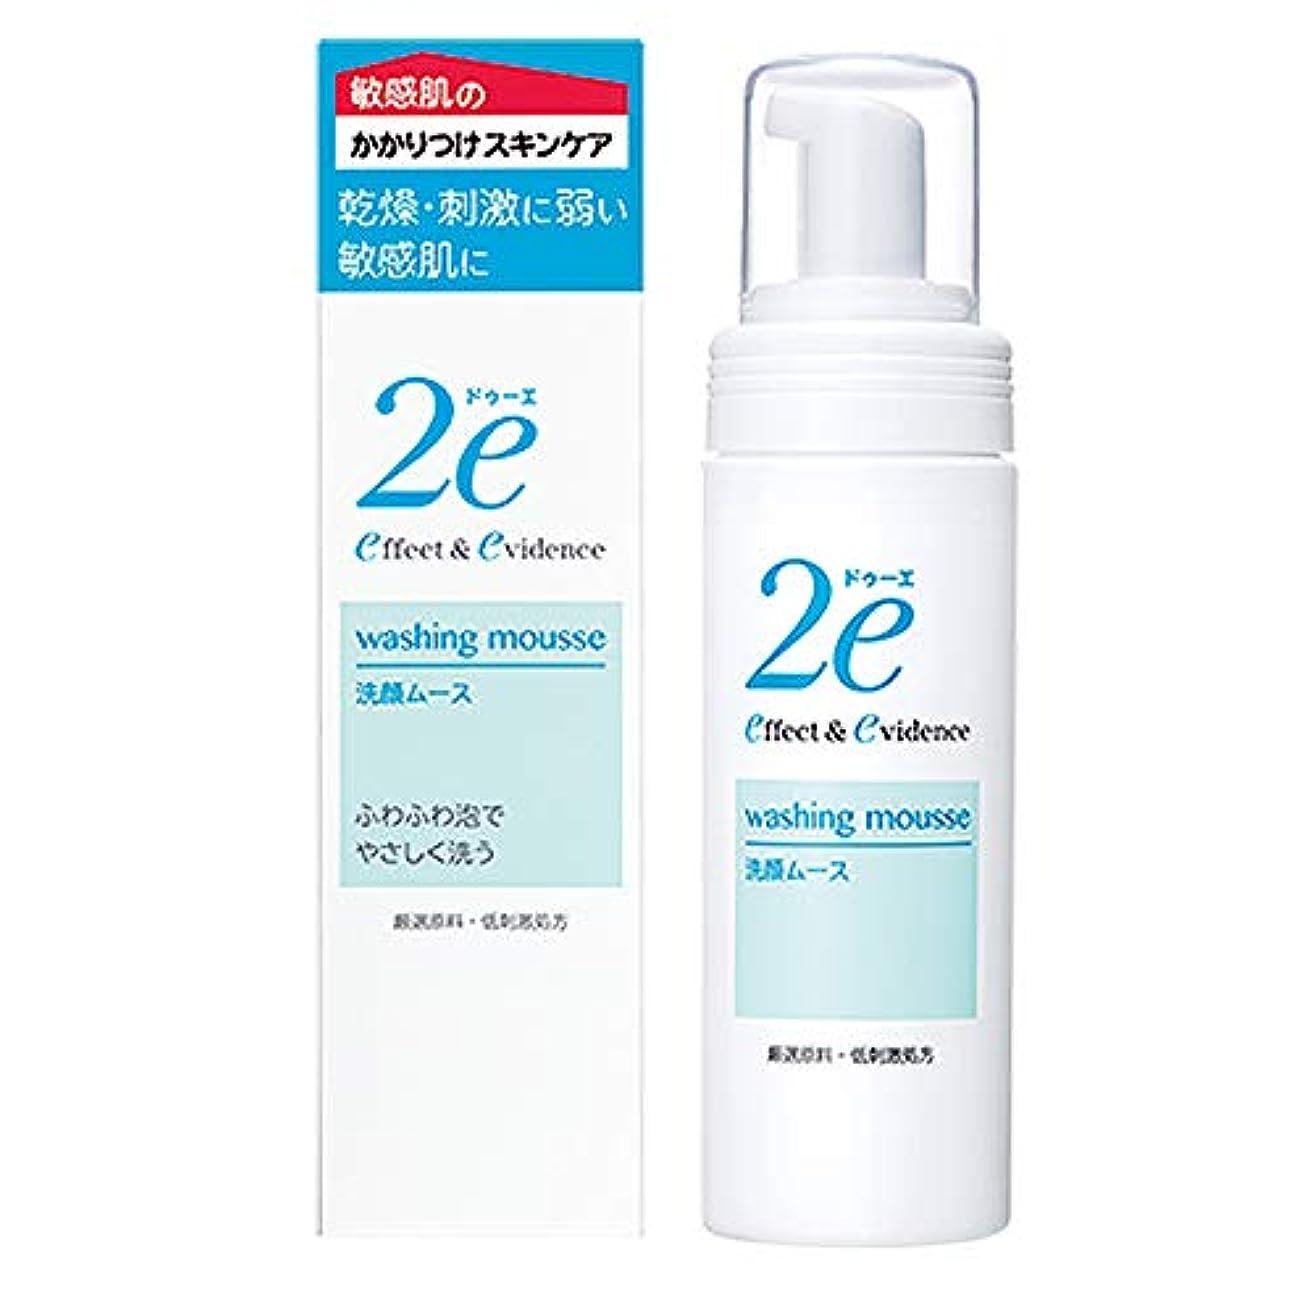 祈りリーチアンケート2e(ドゥーエ) 洗顔ムース 敏感肌用洗顔料 低刺激処方 泡で出てくるポンプタイプ 120ml